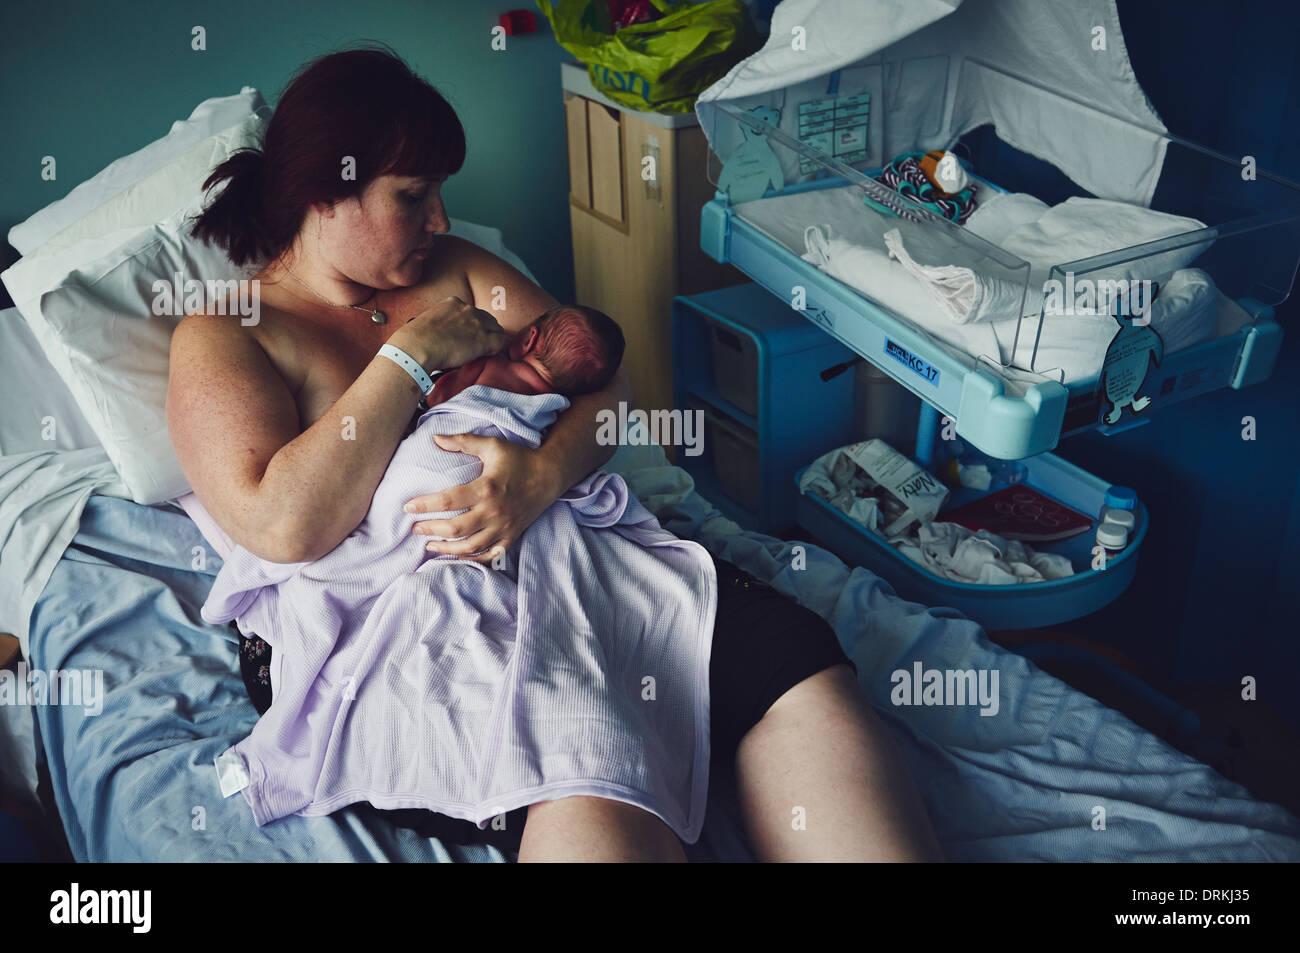 Une mère a établi l'allaitement avec un nouveau né sur une maternité Photo Stock